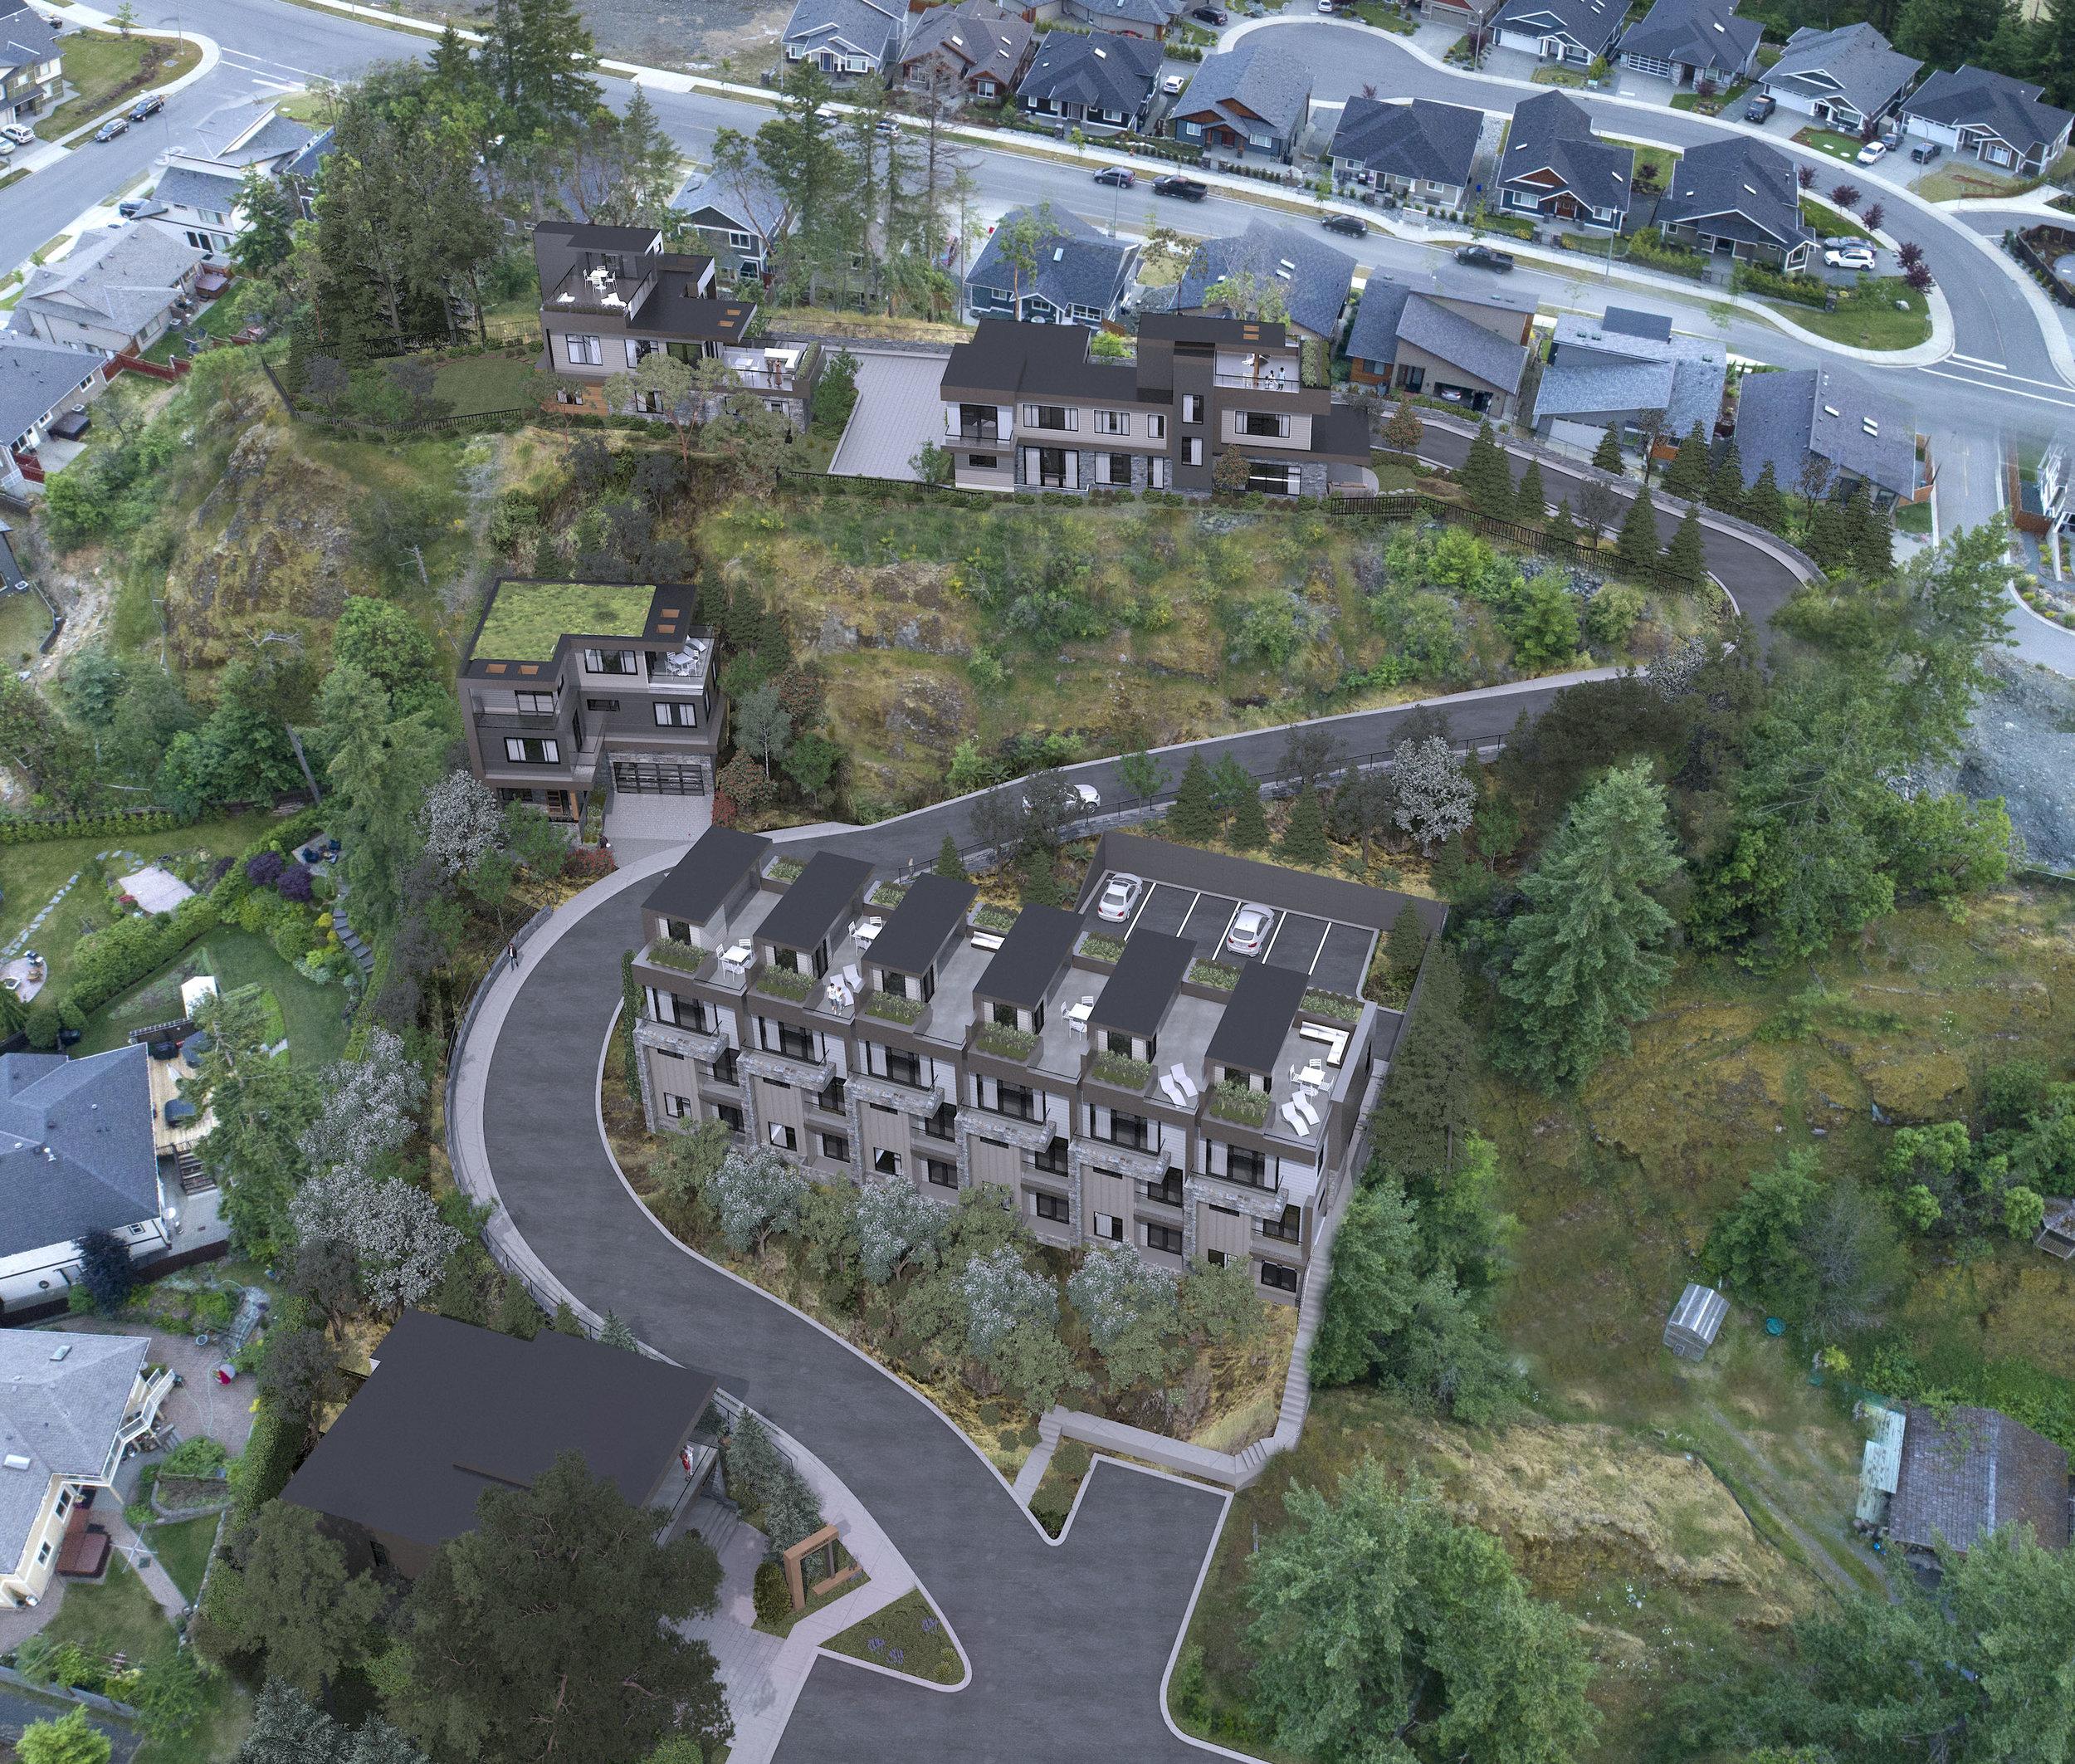 VanderneukRoad_Aerial1Crop.jpg